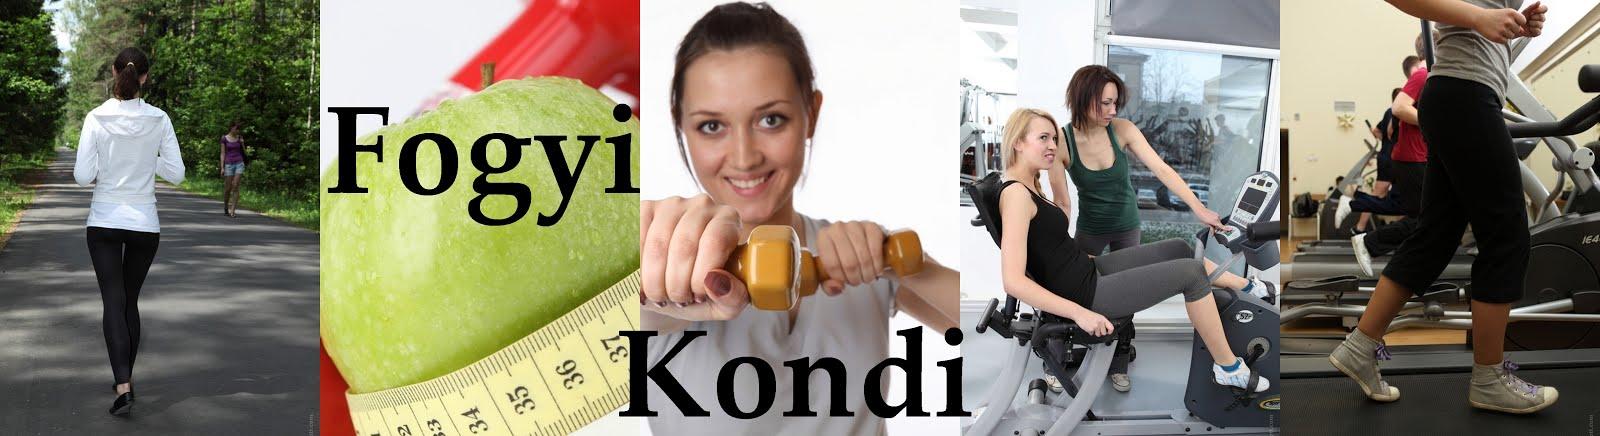 Fogyi - Kondi